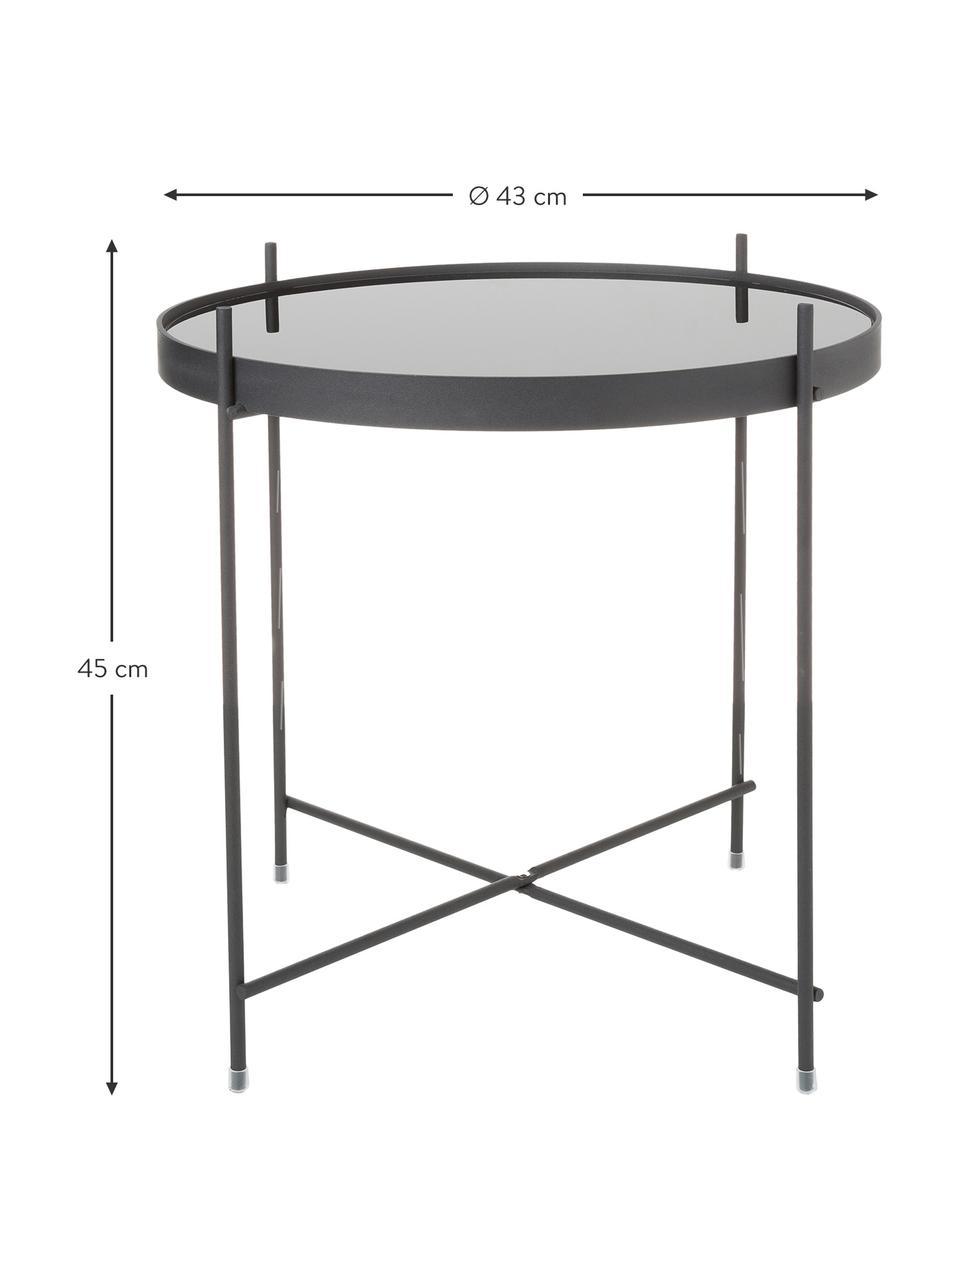 Tavolino-vassoio con piano in vetro Cupid, Struttura: ferro verniciato a polver, Nero, Ø 43 x Alt. 45 cm